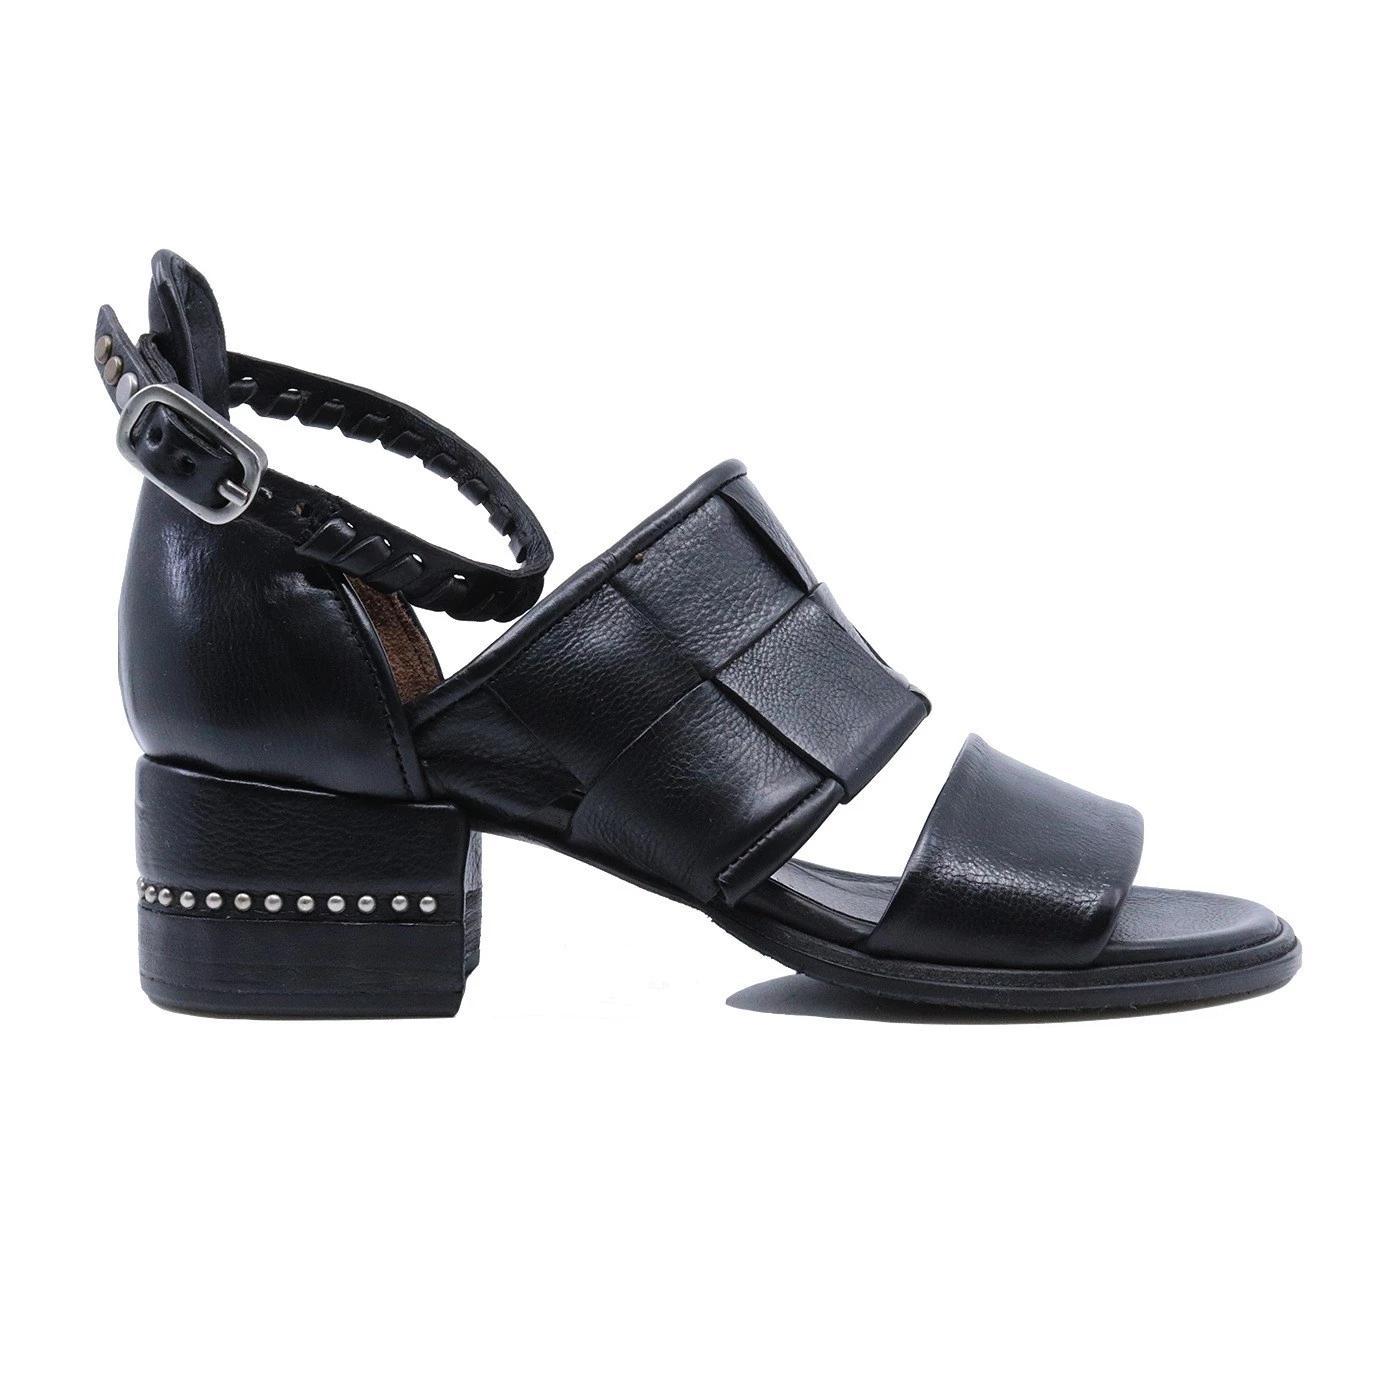 A.S. 98 672021 sandalo da donna in pelle nera